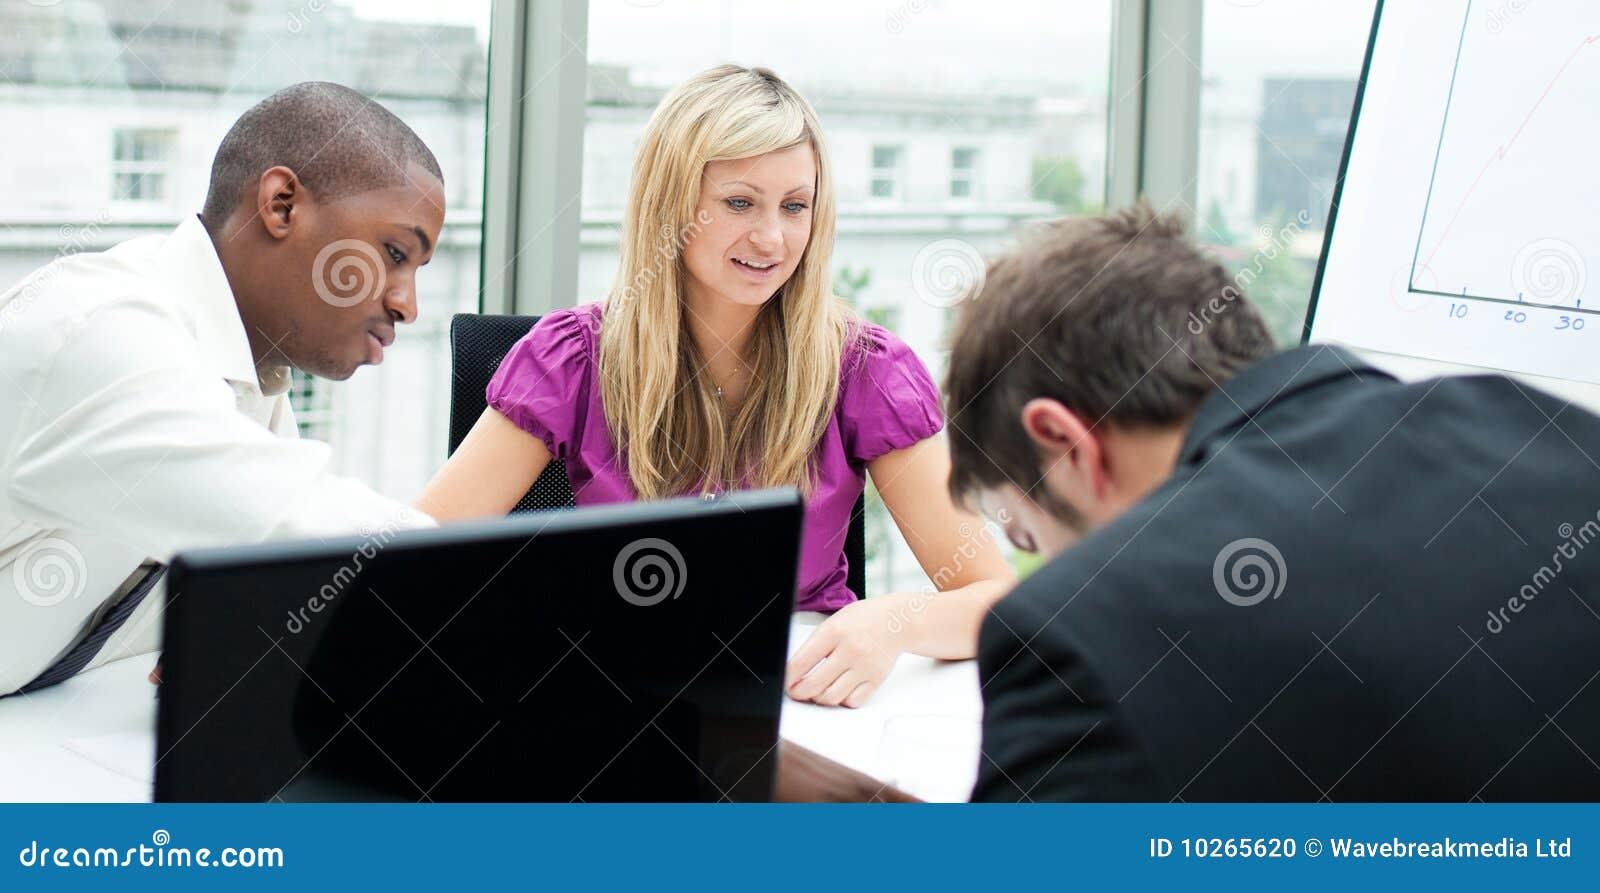 Squadra Multi-ethnic di affari che lavora in un ufficio